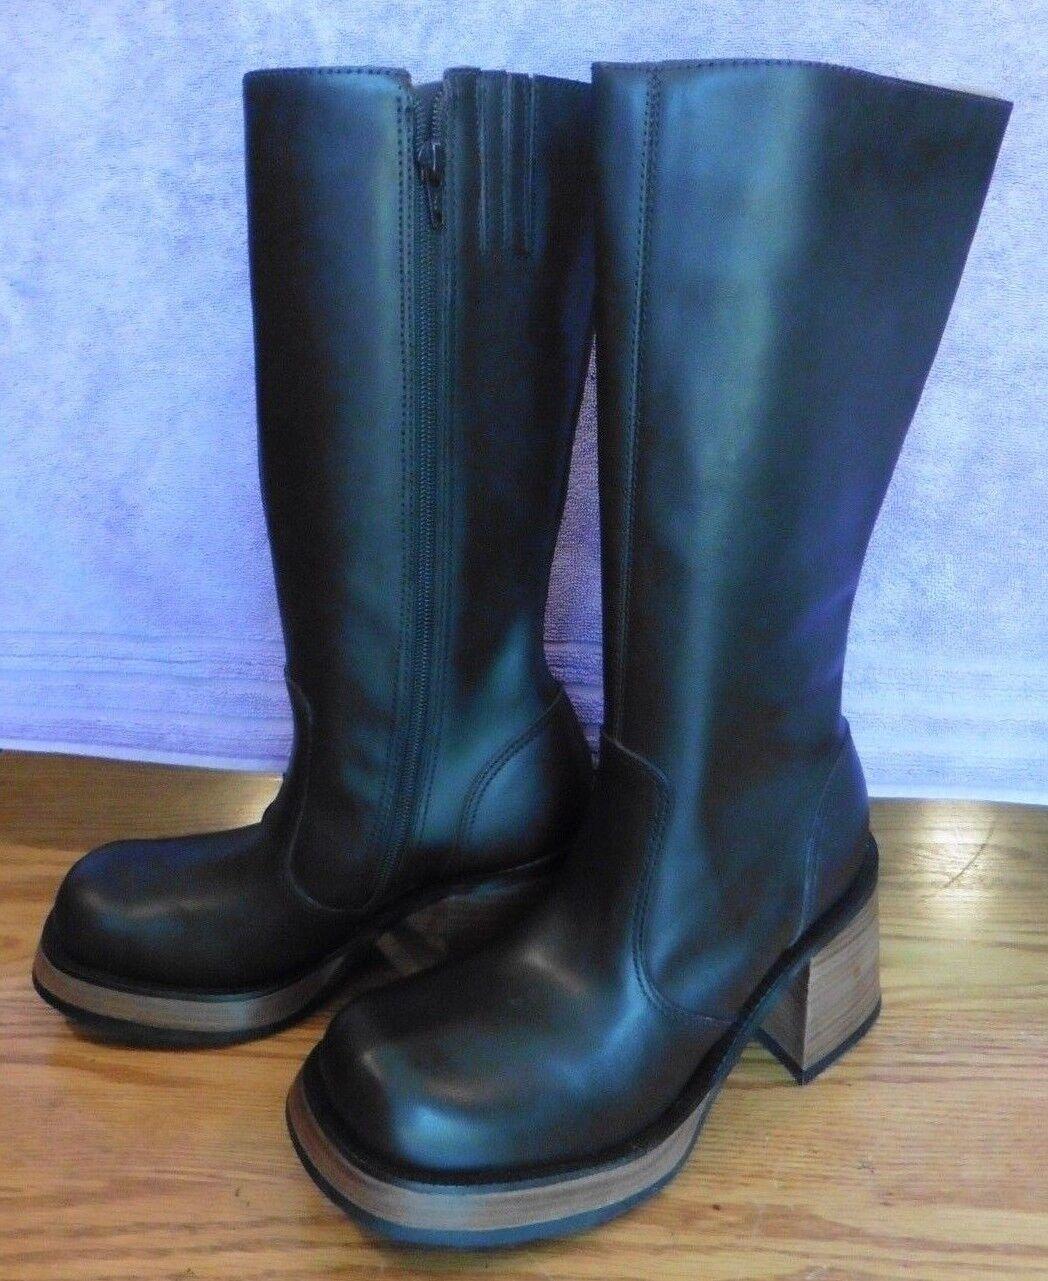 NEU Steve Madden Braun Leder Damenschuhe Stiefel Ray Brazil Größe 6 mid-calf high heel